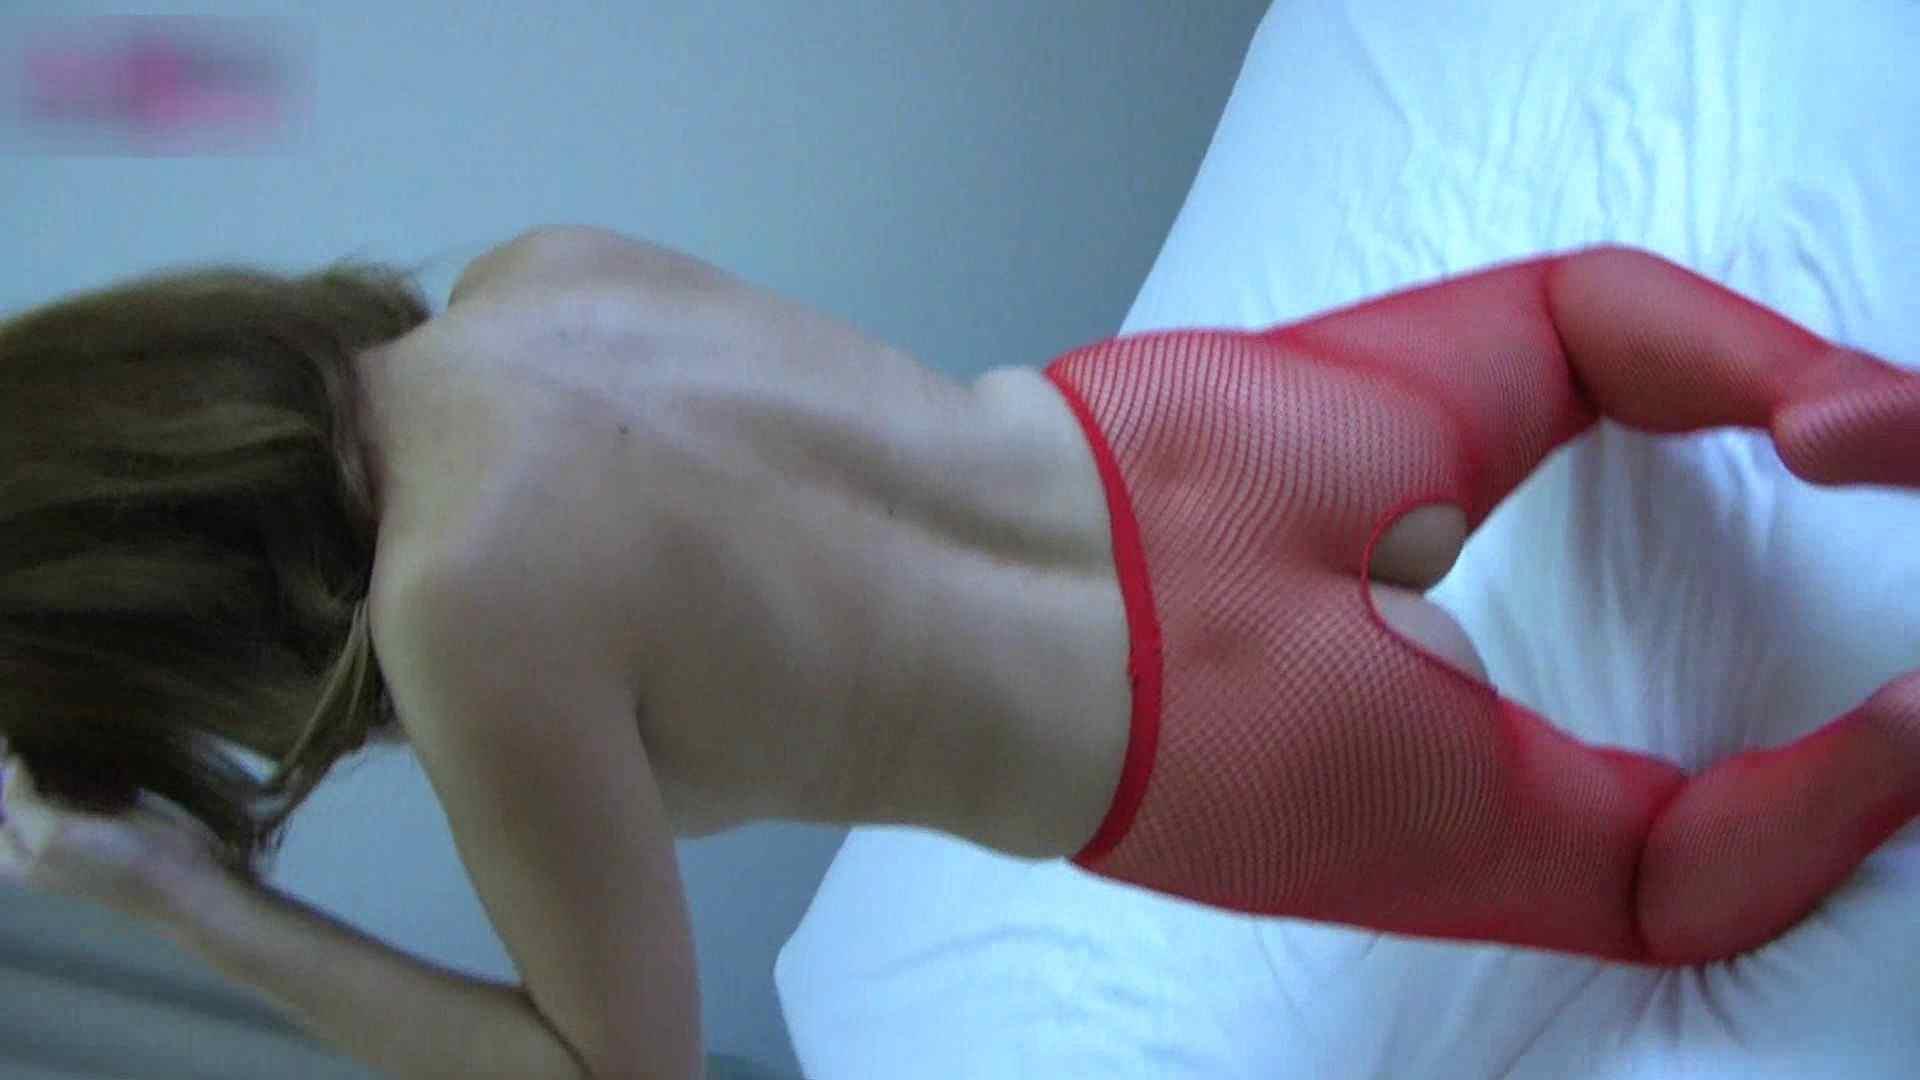 ギャルにしたいエロい事 Vol.08 後編 ギャル達のセックス | OL裸体  52画像 34